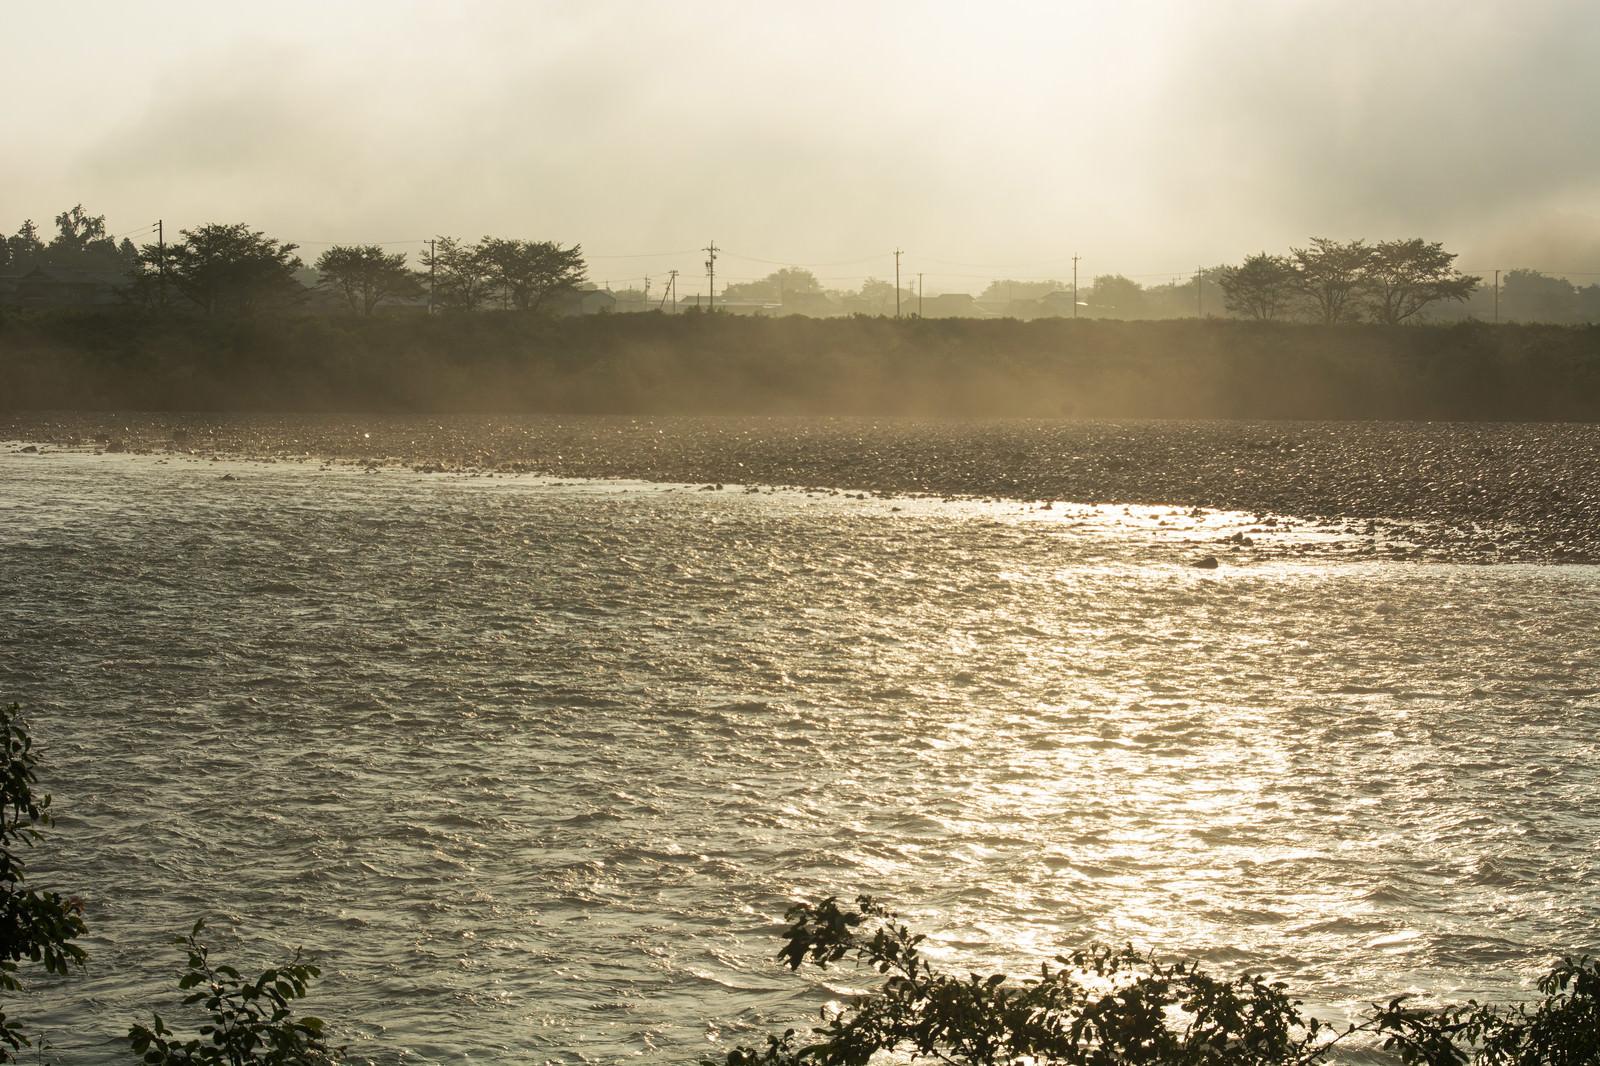 「朝靄と朝日にきらめく川面  」の写真